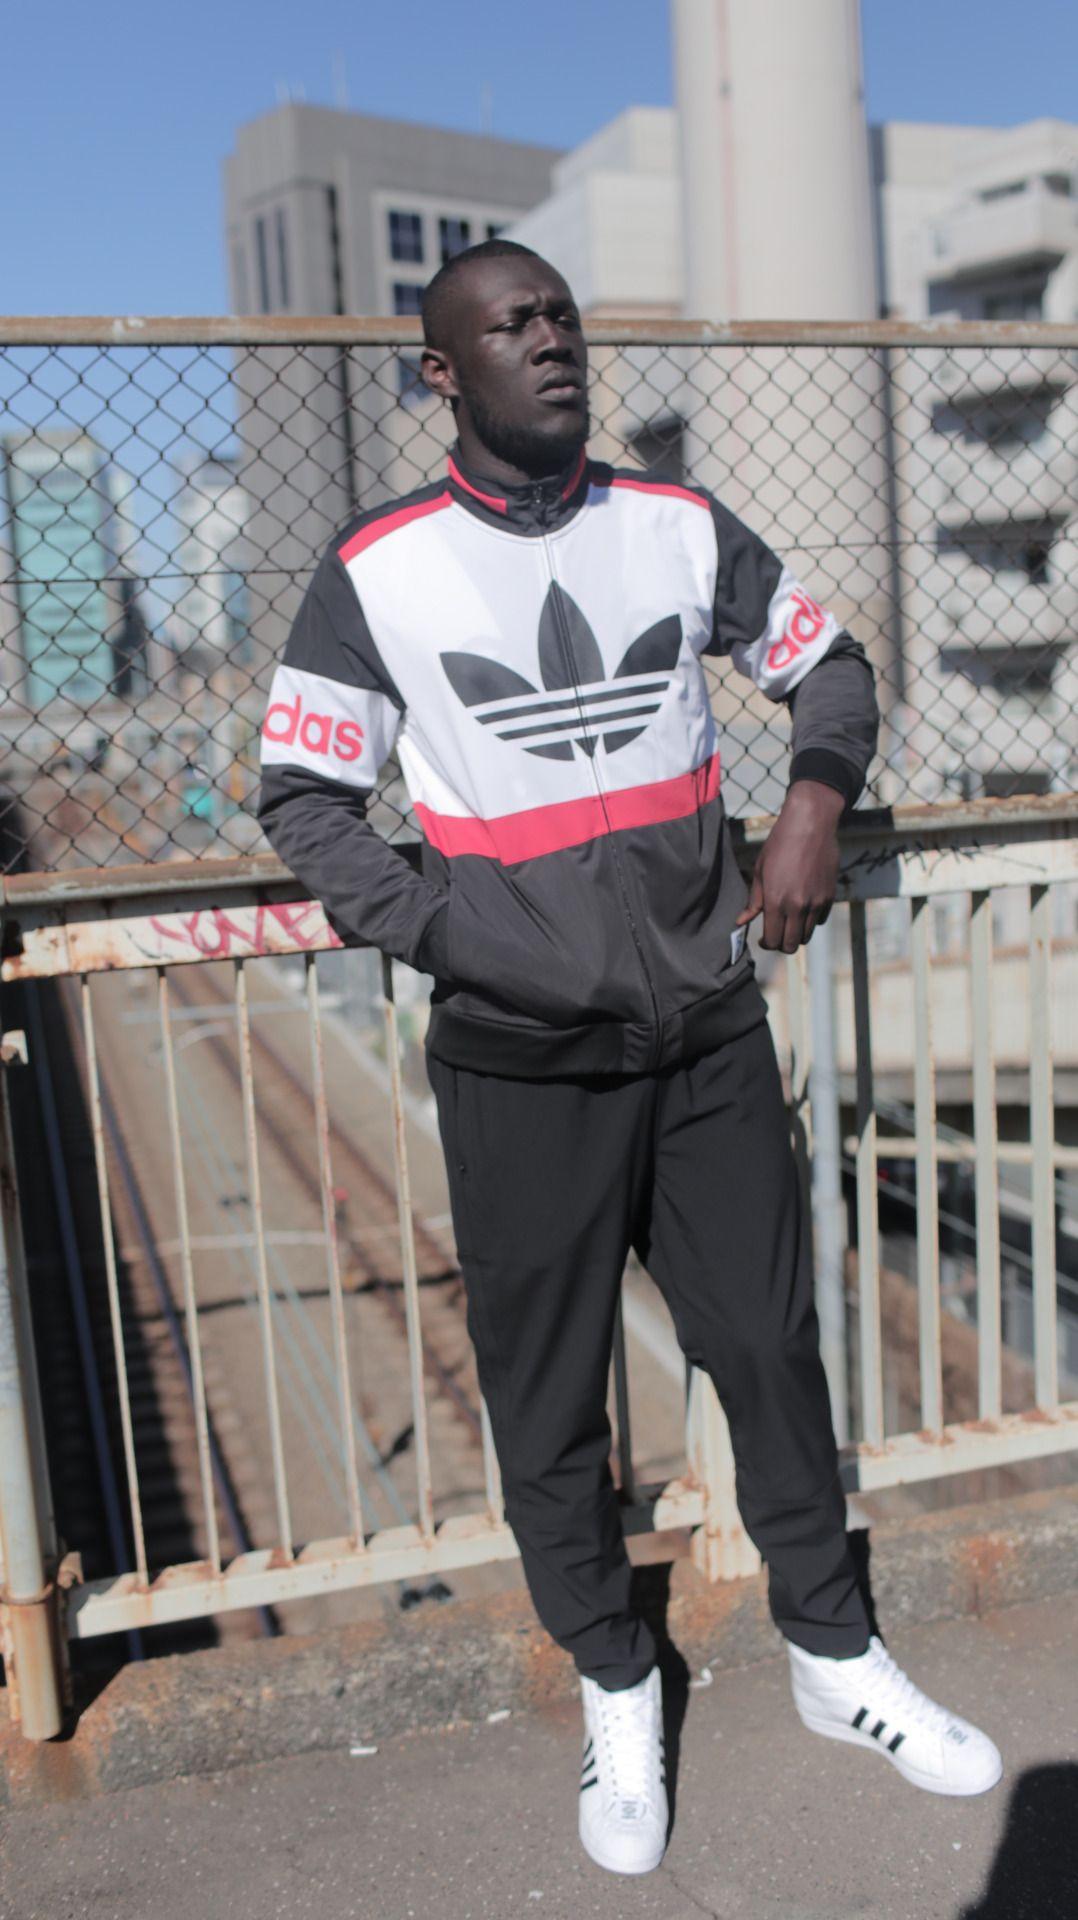 stormzy appreciation | Hip hop outfits, Mens streetwear